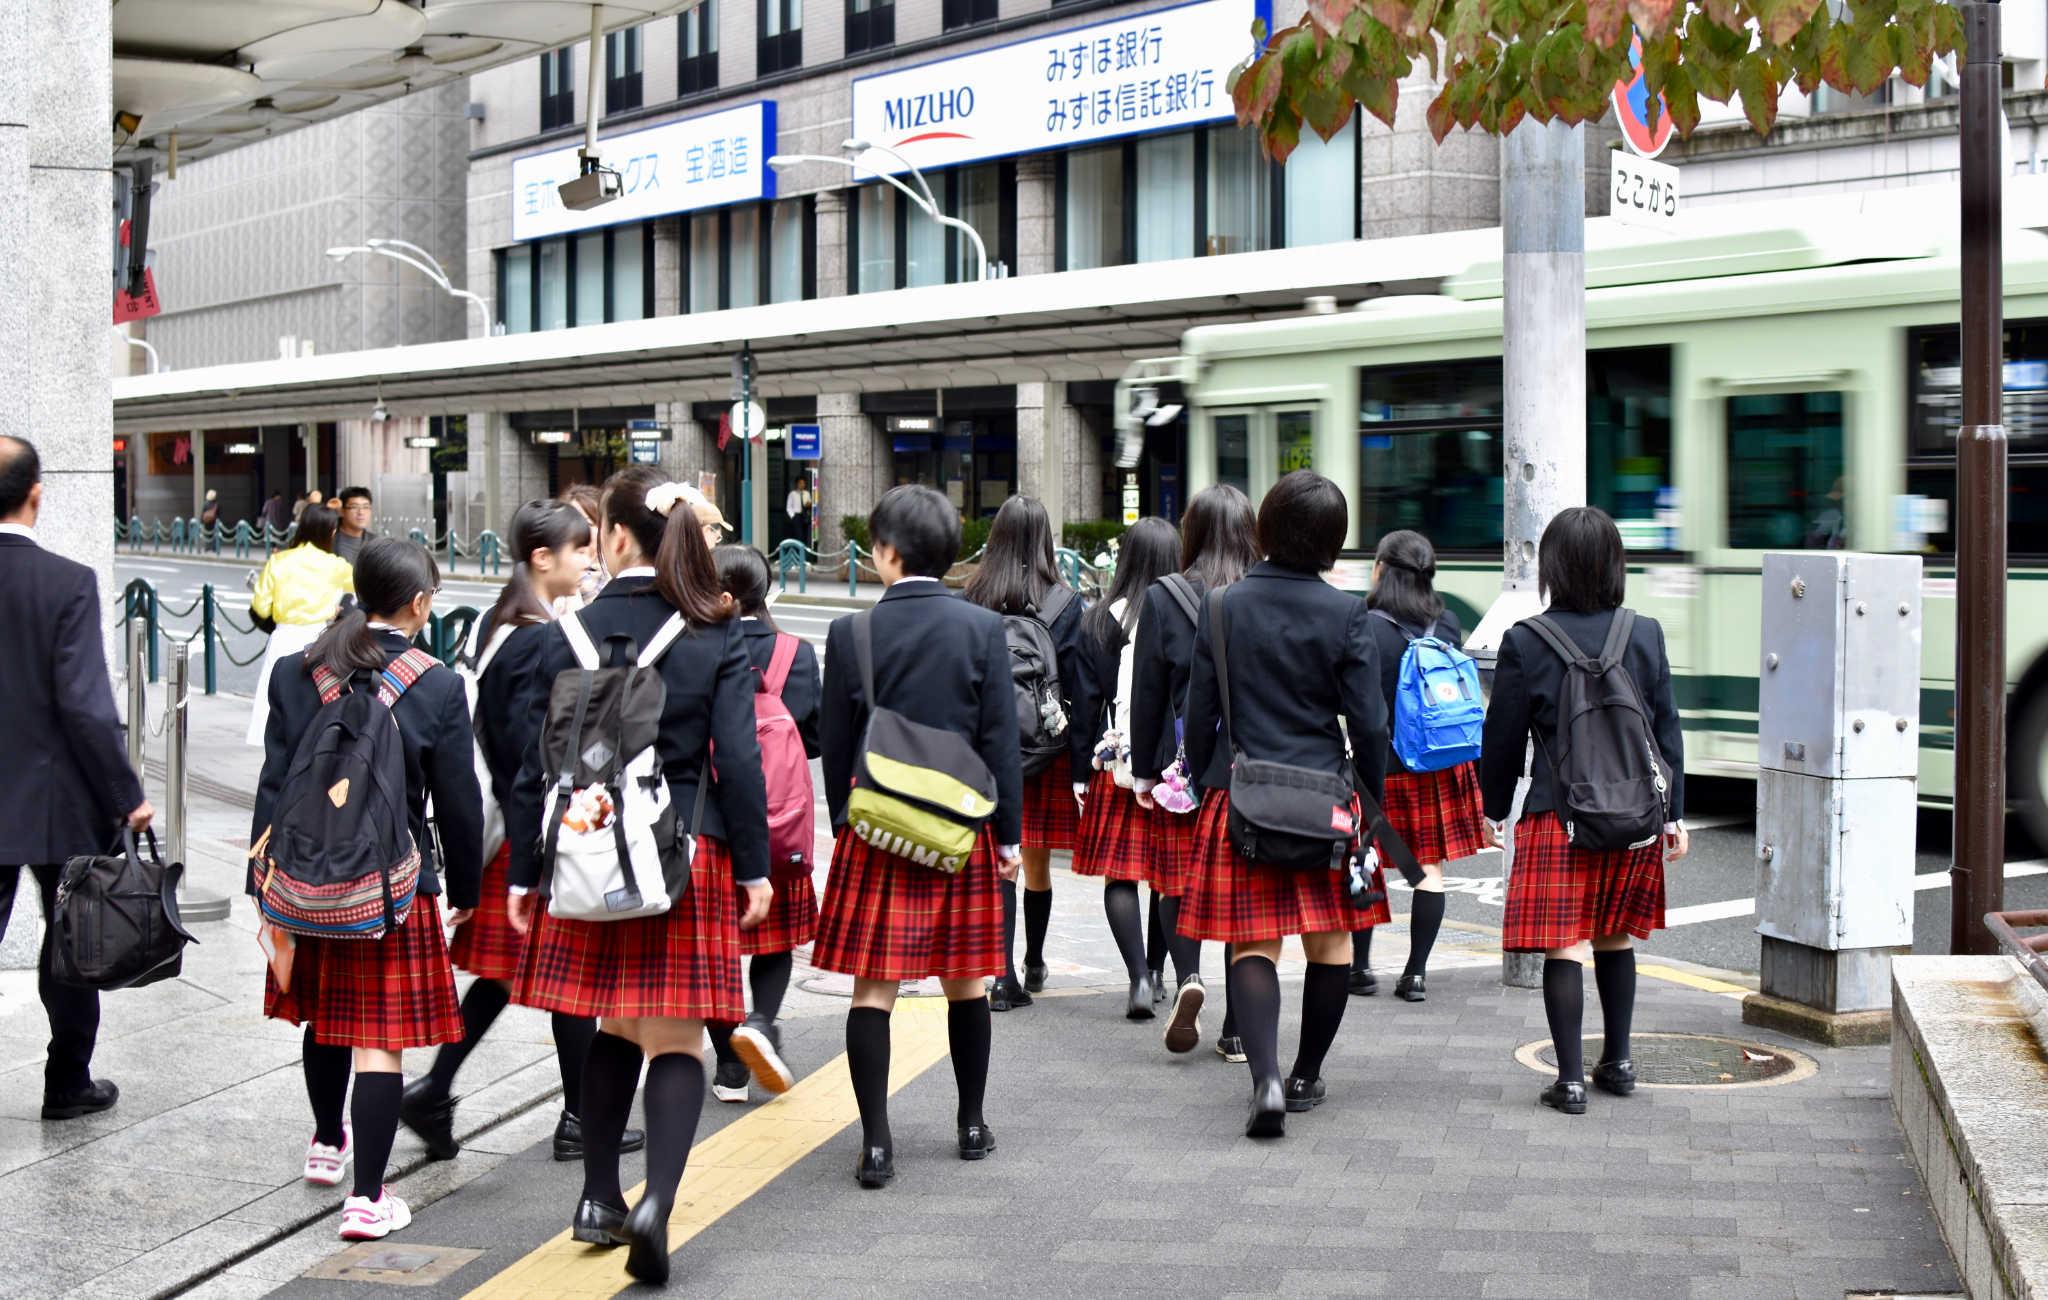 Le matin, de nombreux écoliers en uniforme partent en groupe vers leur école